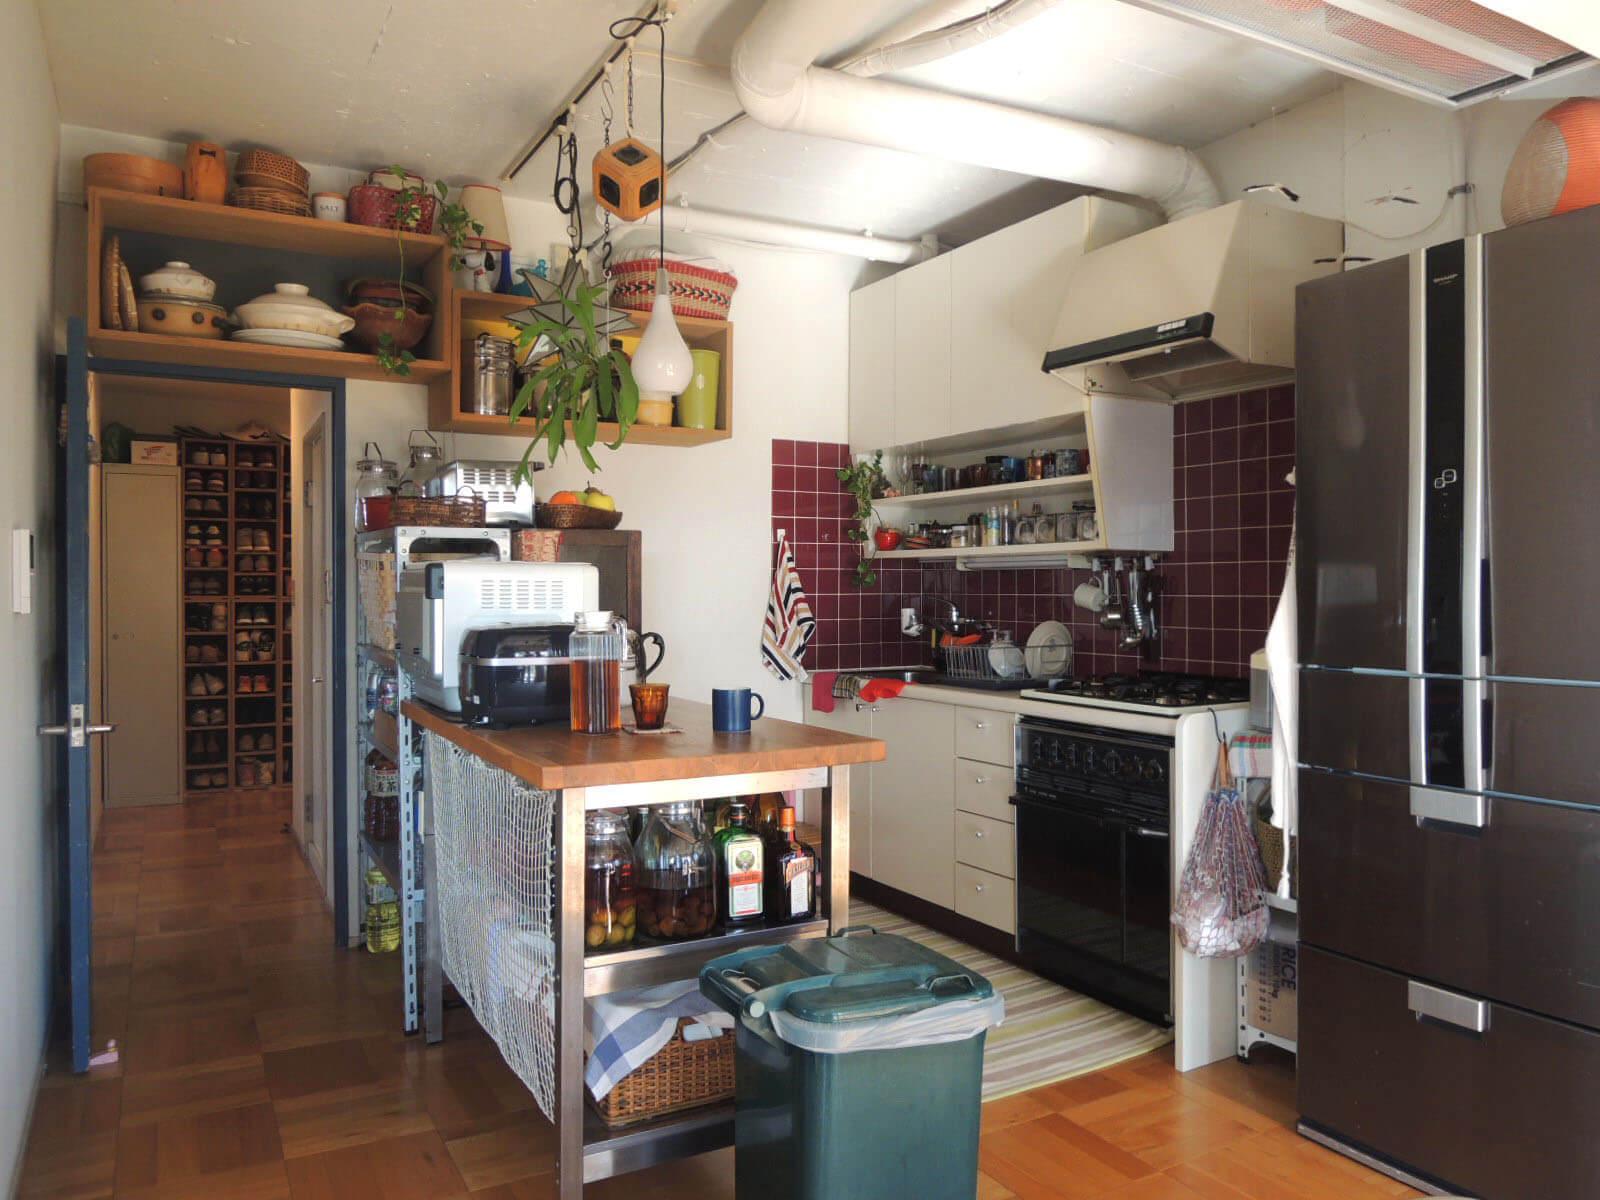 持込家具でかわいらしく整理されたレトロキッチン